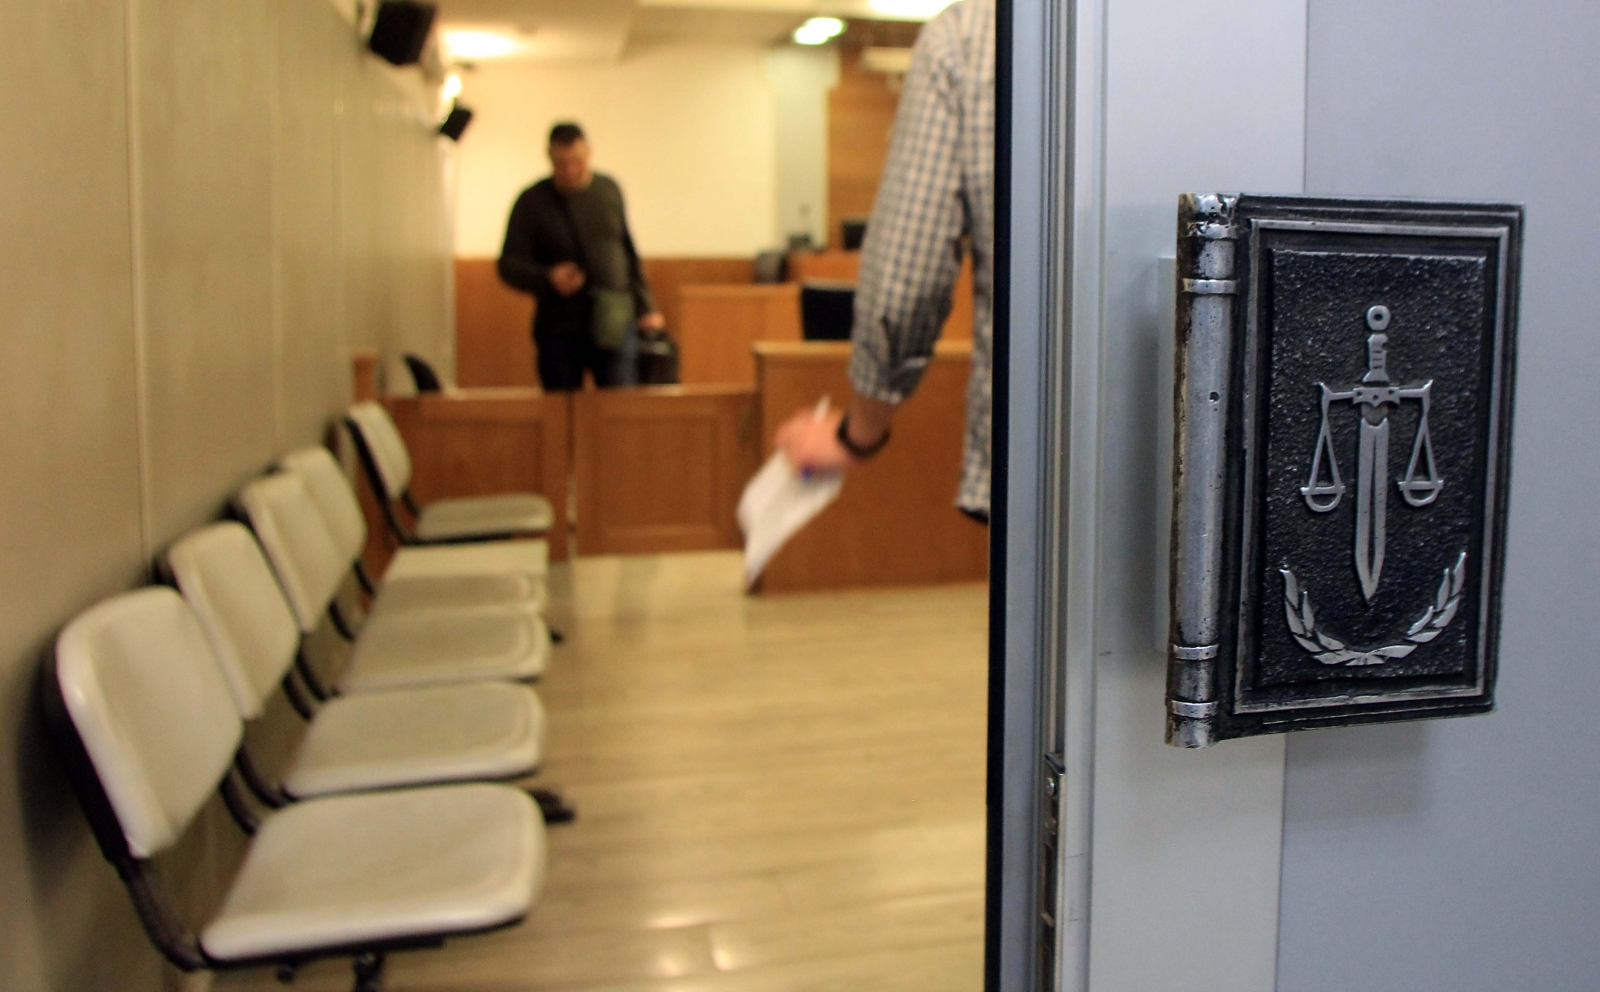 Половина судии од Кривичен бараат помалку работа , а поголеми плати, останатите не доаѓаат на колегиум